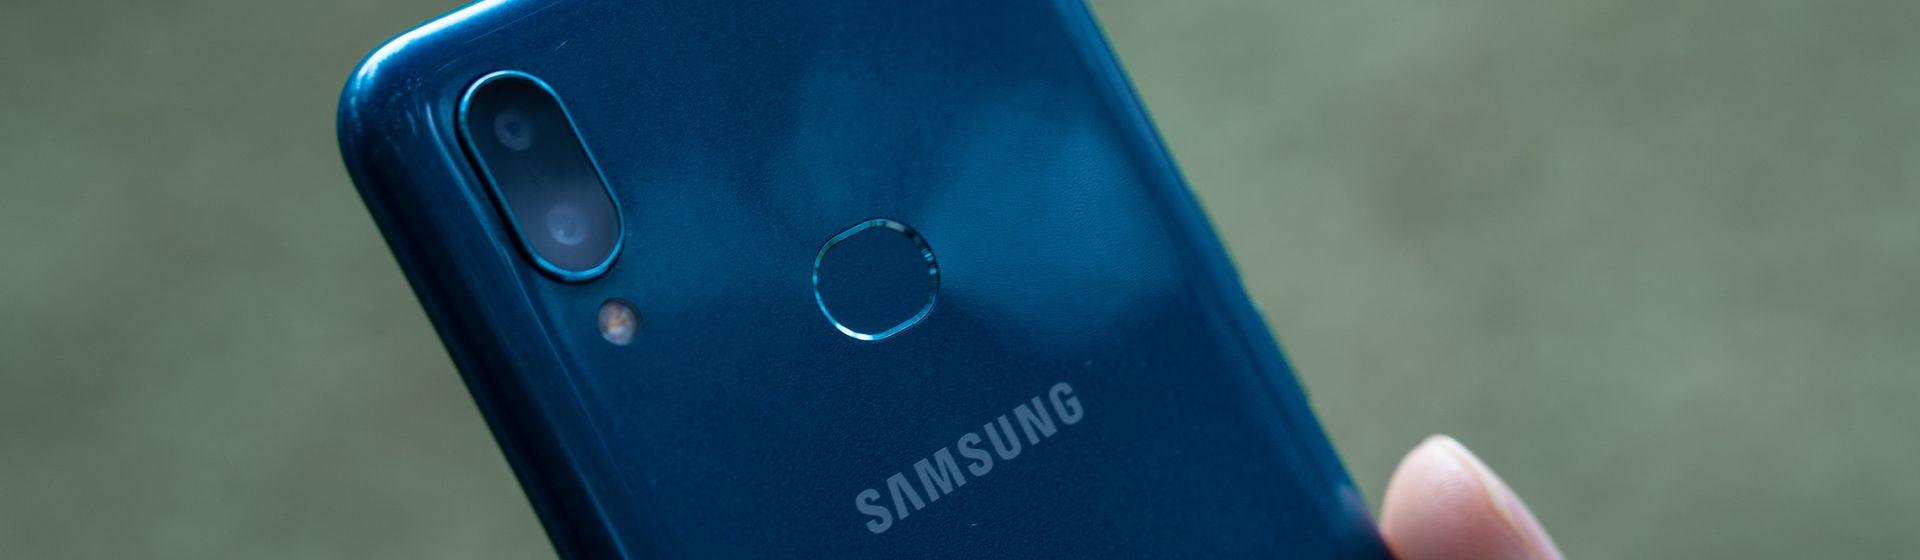 Galaxy A10s é bom? Veja a análise de ficha técnica do celular Samsung